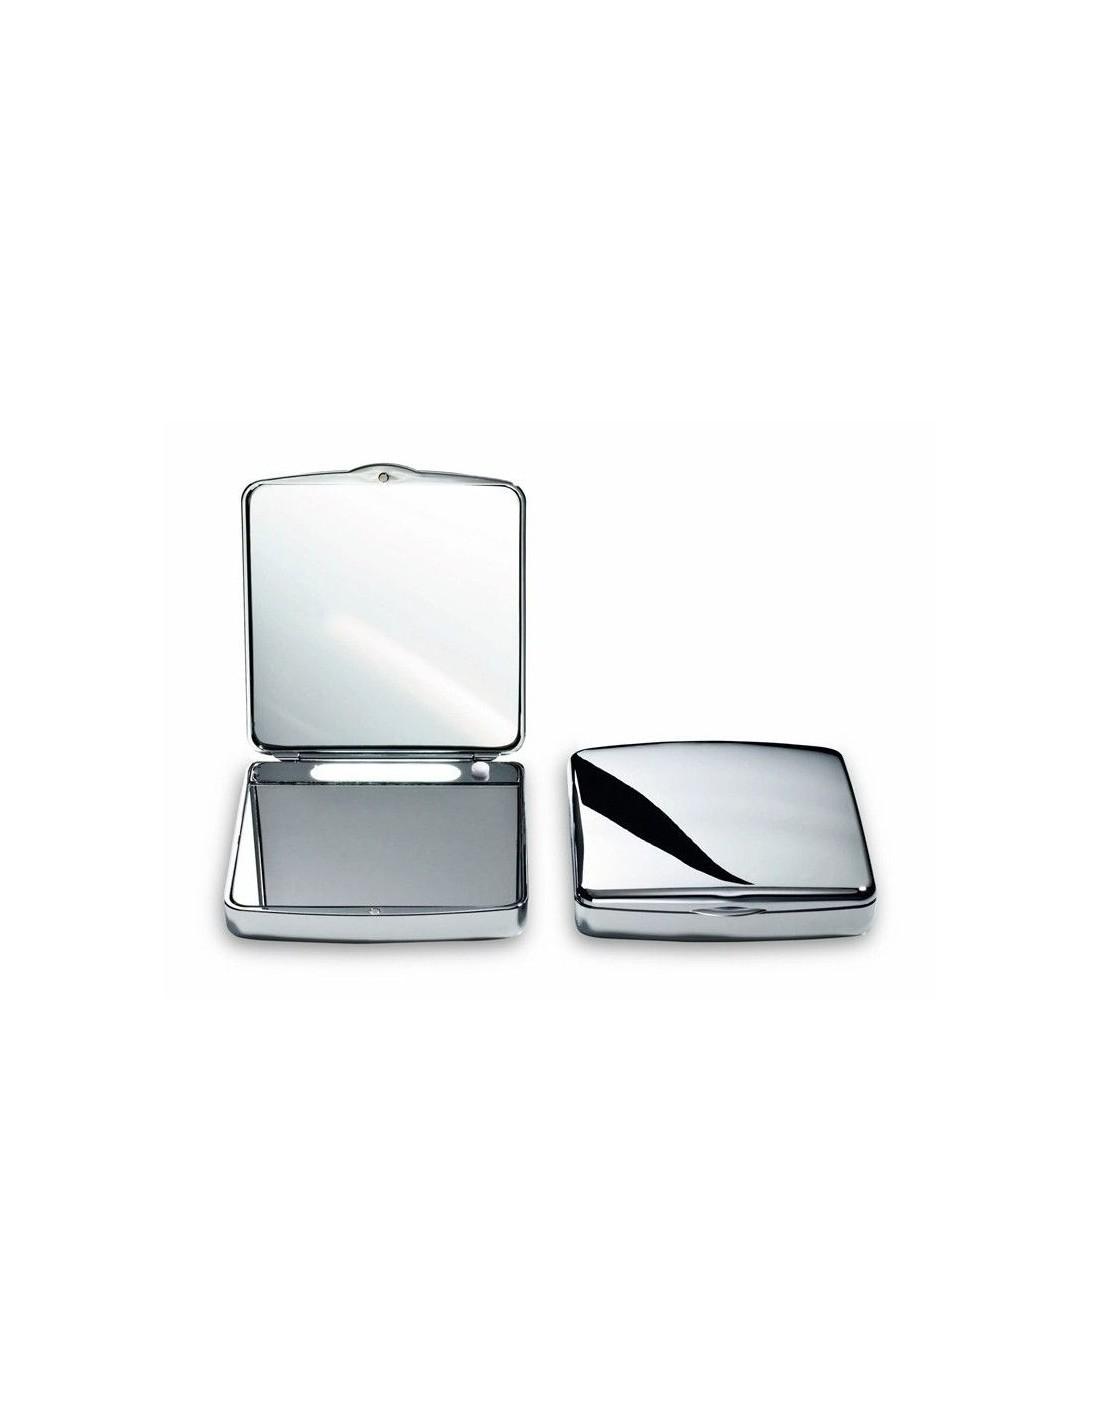 Miroir de poche grossissant éclairant Decor Walther